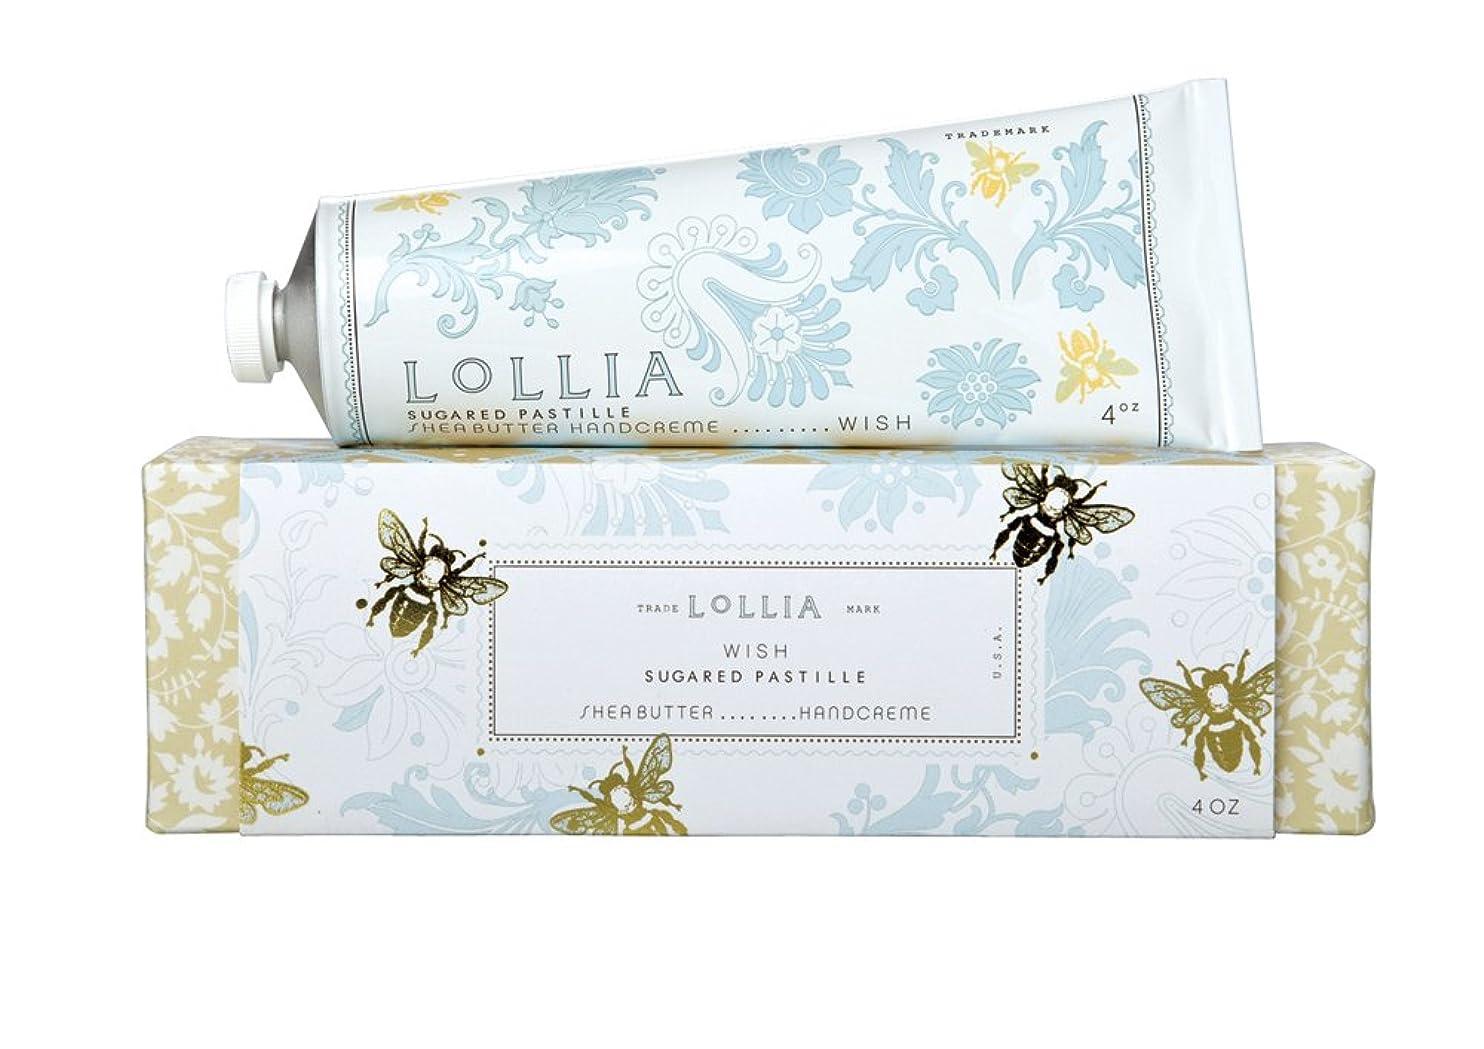 動揺させるセーブの間にロリア(LoLLIA) ハンドクリーム Wish 35g (白い花にしたたる蜜とバニラの甘く切ない願い)